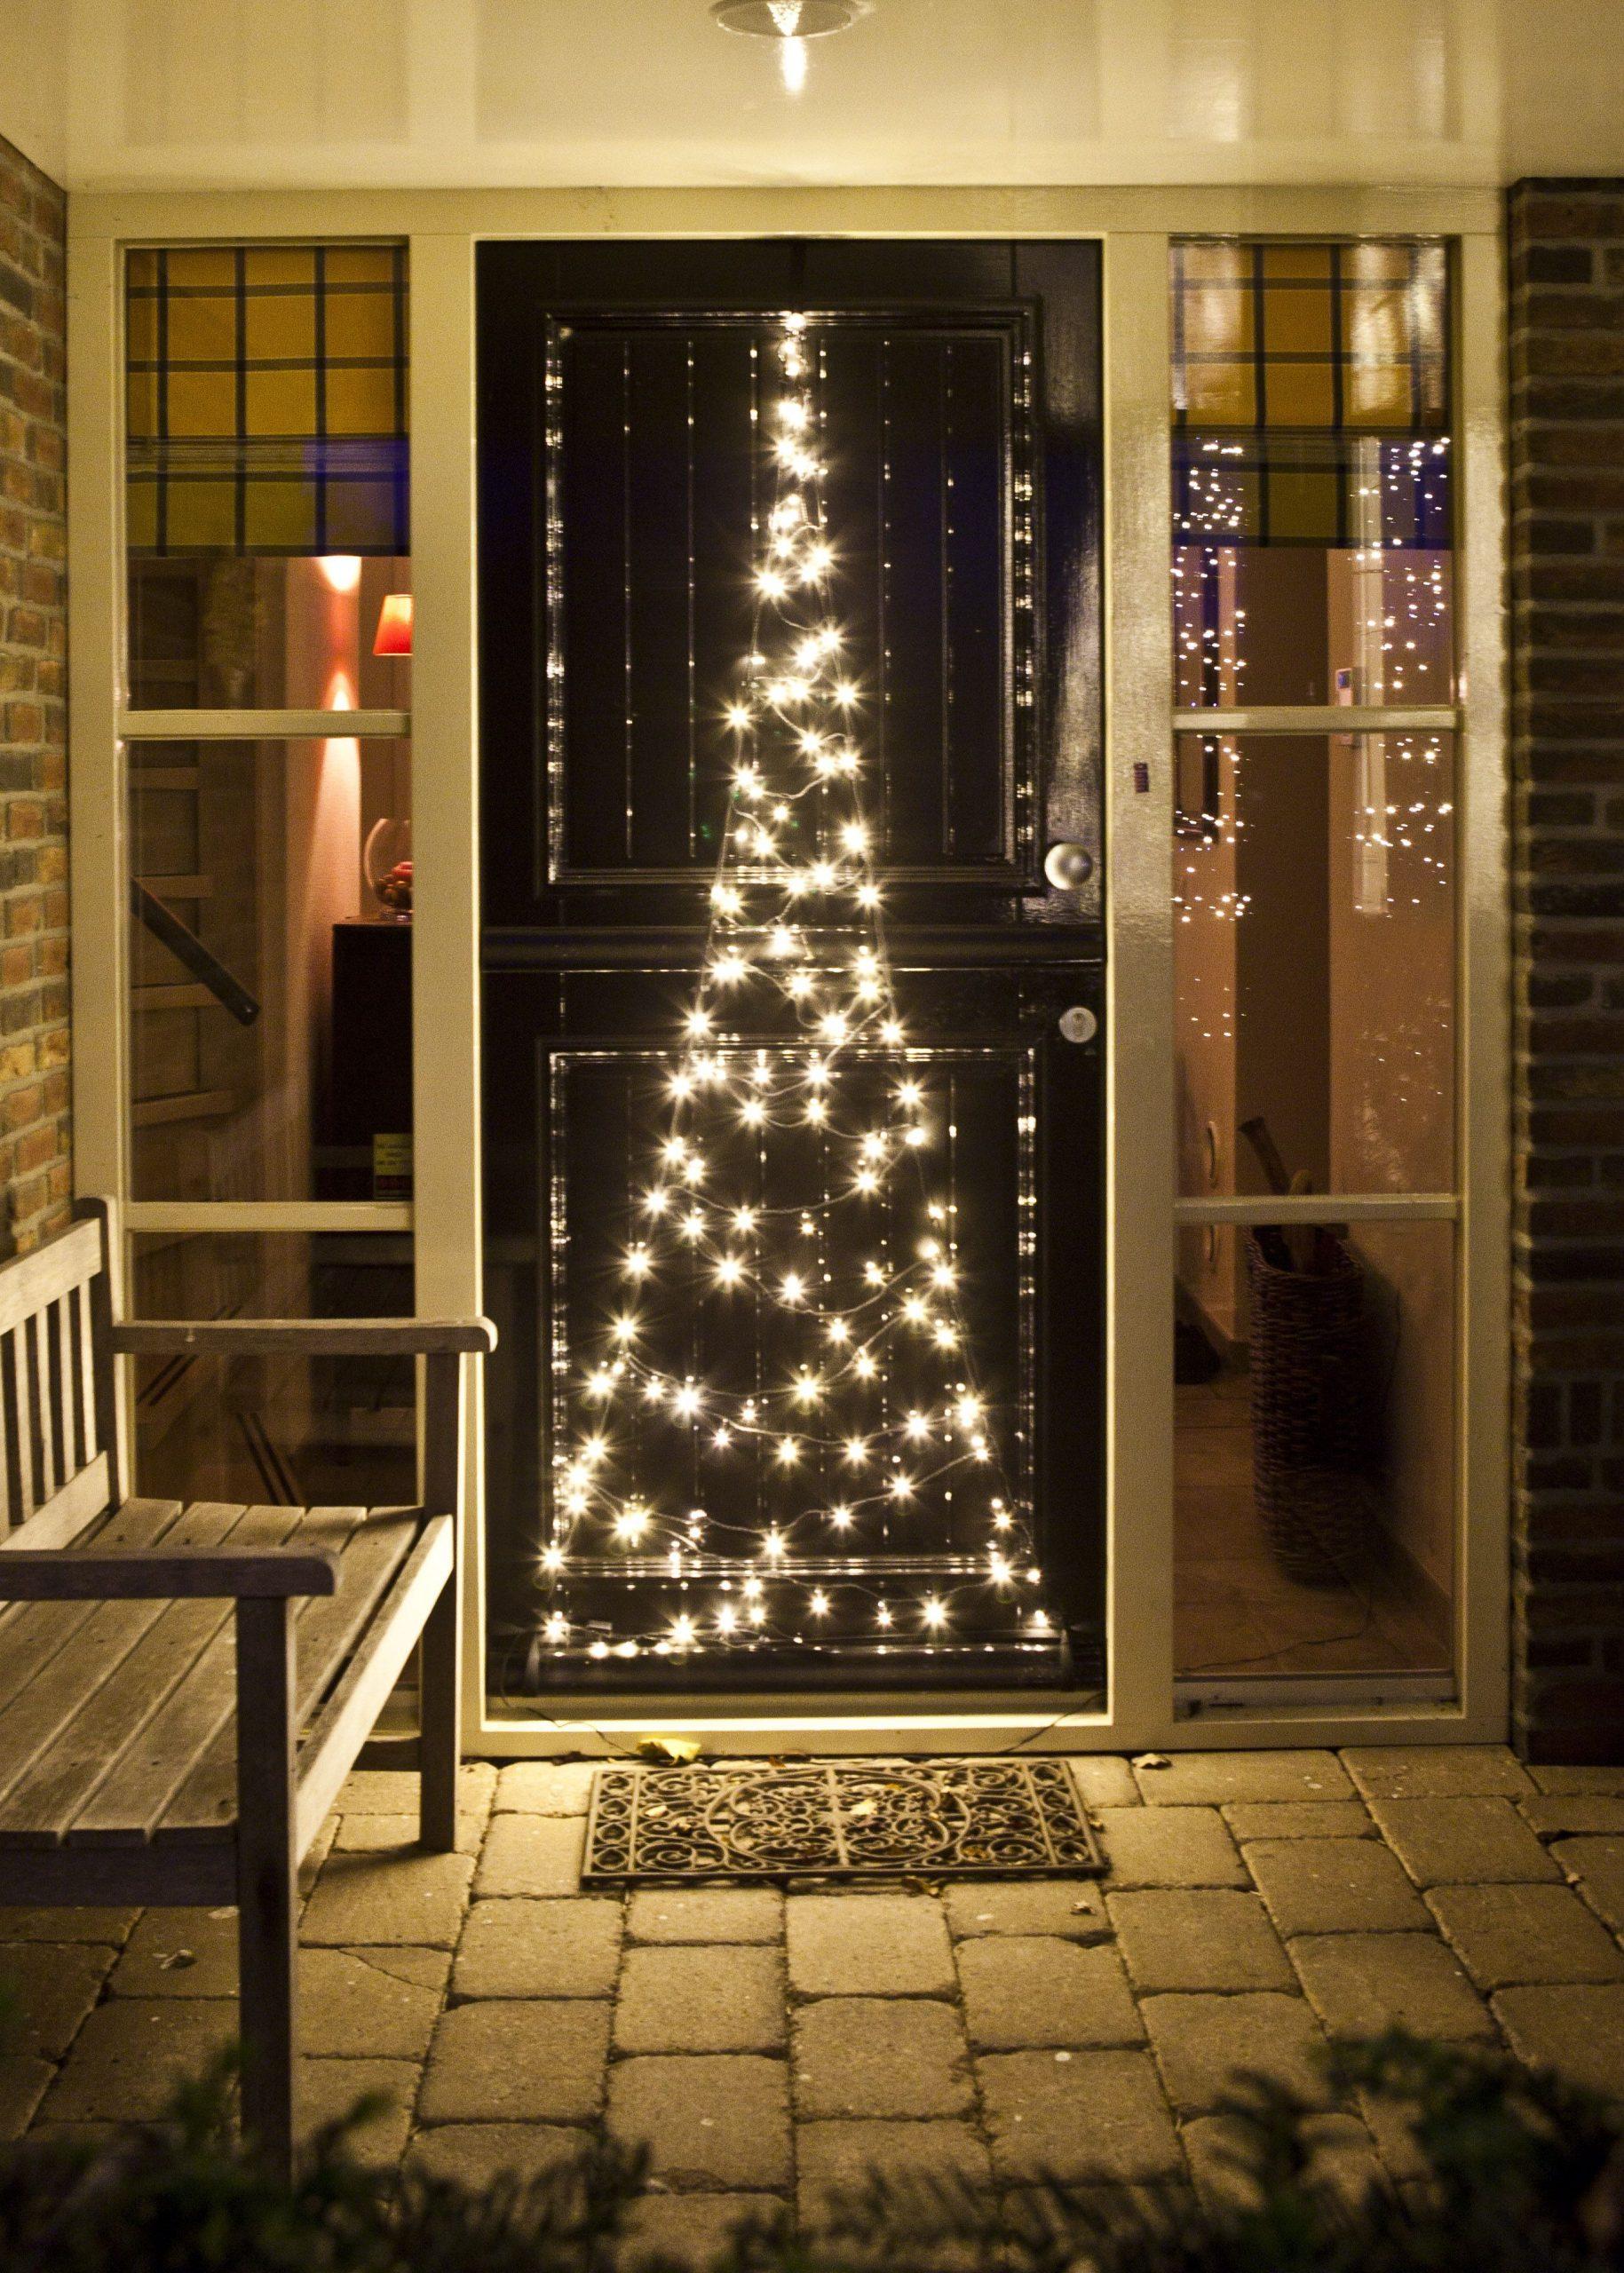 Full Size of Fenster Beleuchtung Weihnachts Indirekte Fensterbeleuchtung Led Weihnachten Kinderzimmer Stern Mit Saugnapf Weihnachtsdekohauseingangaussen Abdichten Tauschen Fenster Fenster Beleuchtung